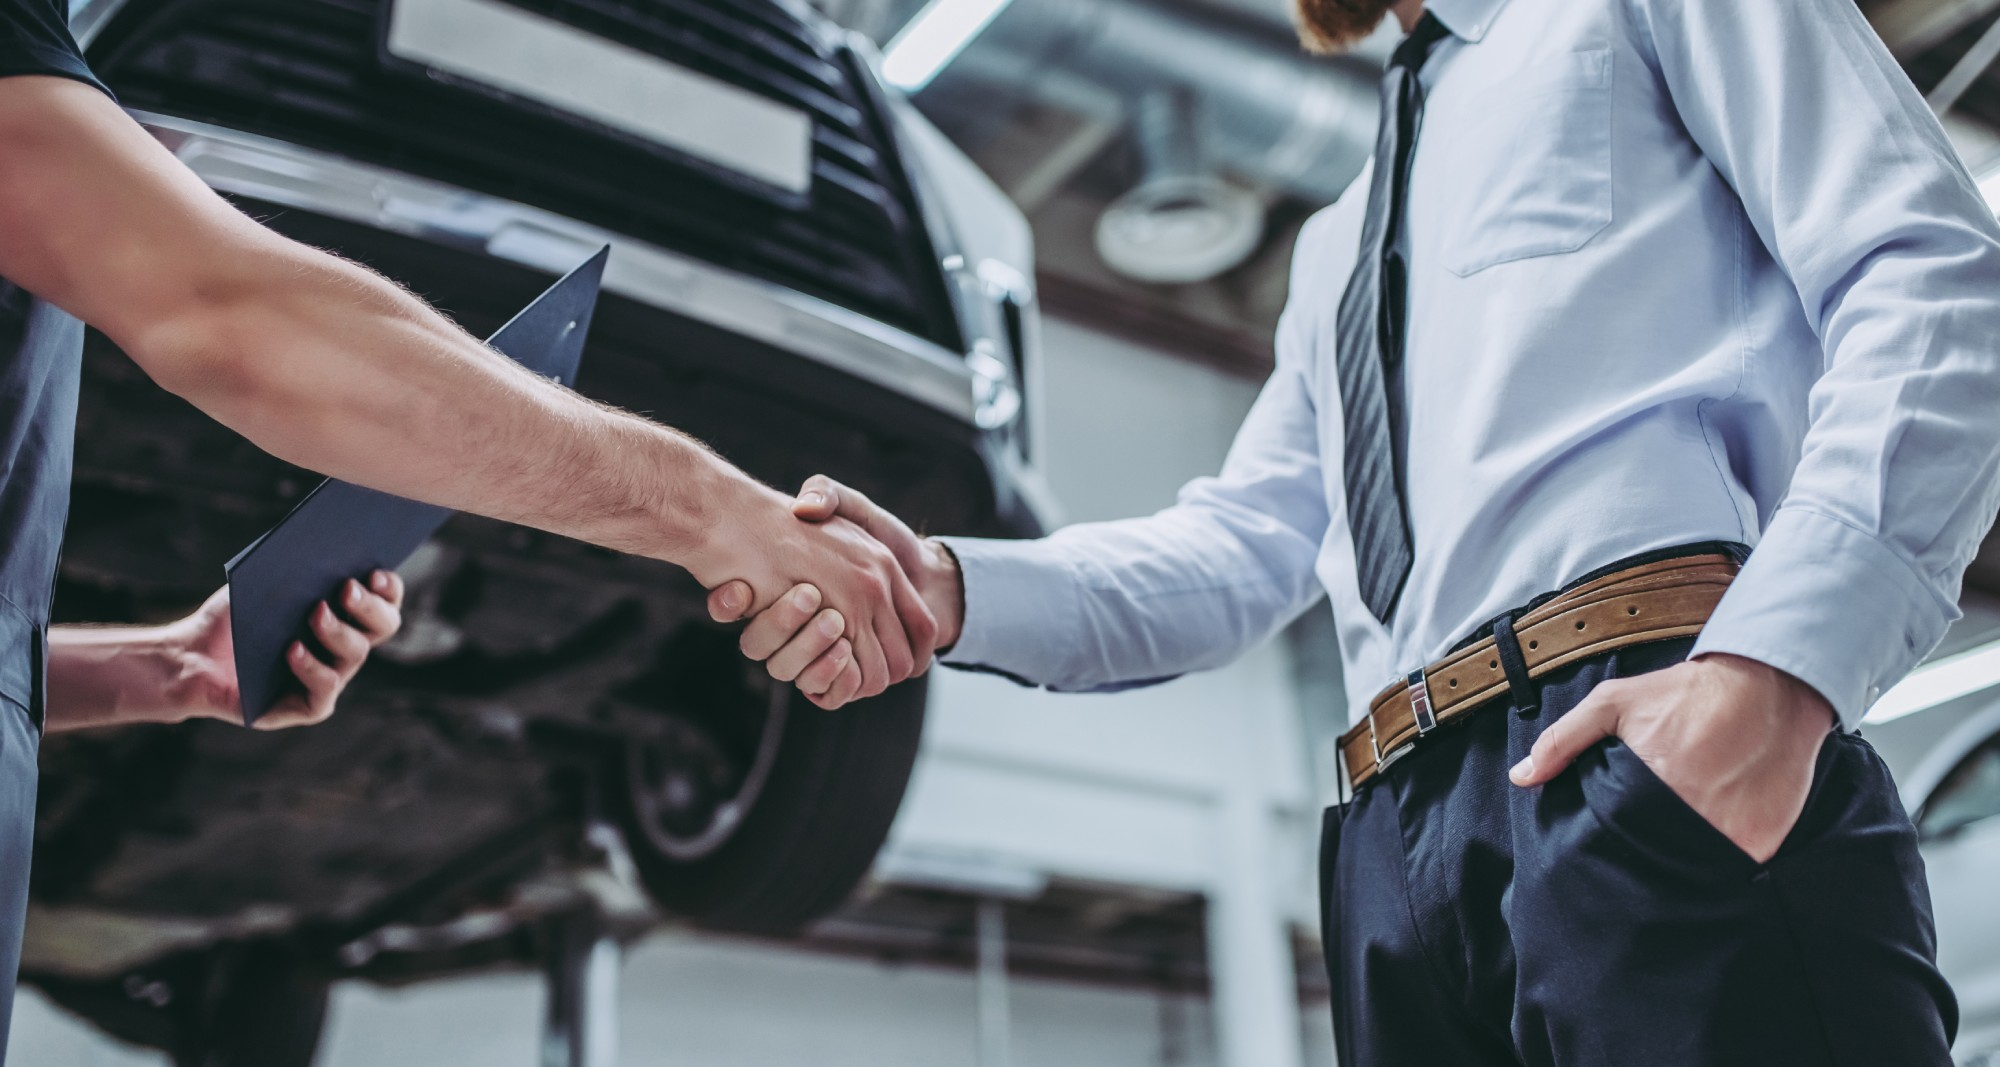 Coût d'entretien de votre flotte automobile : thermique, électrique, hybride, quelle est l'option la plus rentable ?